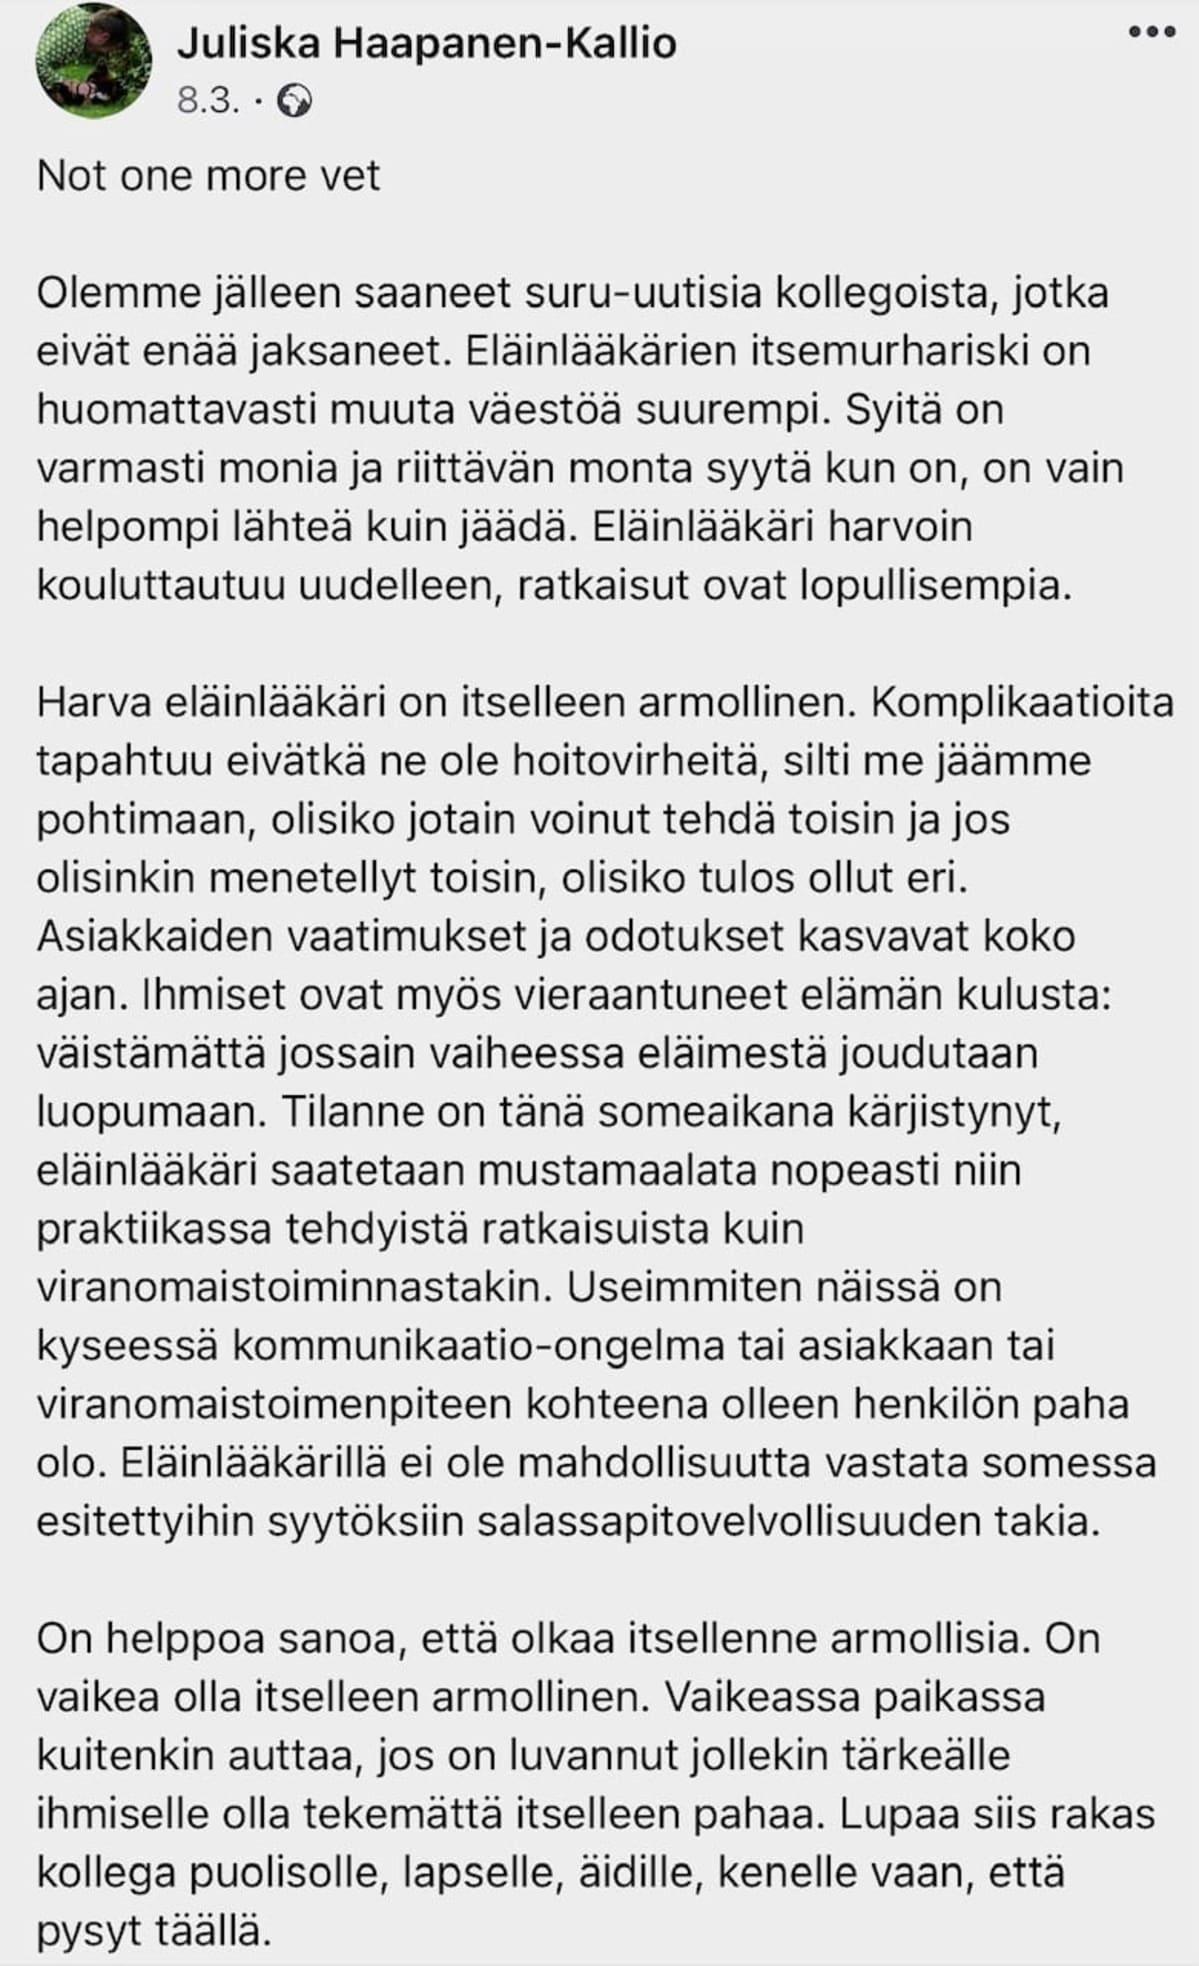 Juliska Haapanen-Kallio vetoaa julkisessa FB-päivityksessään kollegoita jaksamaan.